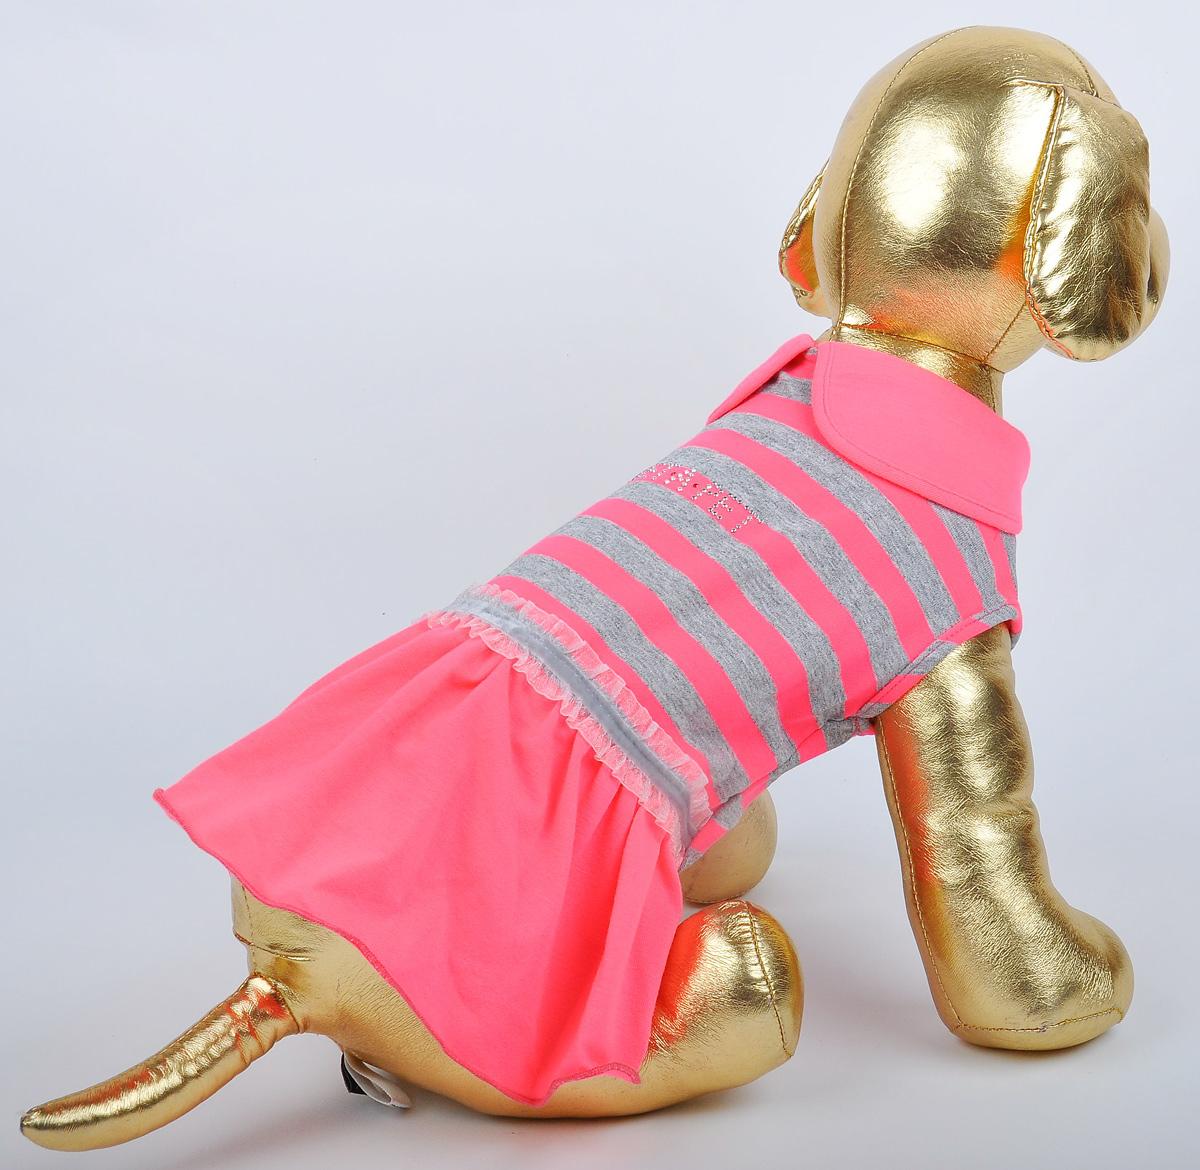 Платье для собак GLG Фэшн Ультра. Размер SMOS-005-PINK-SПлатье для собак GLG Фэшн Ультра выполнено из вискозы. Рукава не ограничивают свободу движений, и собачка будет чувствовать себя в нем комфортно. Изделие застегивается с помощью кнопок..Модное и невероятно удобное платье защитит вашего питомца от пыли и насекомых на улице, согреет дома или на даче.Длина спины: 23-25 смОбхват груди: 31-33 см.Платье для собак Фэшн Ультра, цвет розовый, материал- вискоза х/б, размер-S, длина спины23-25см, объем груди-31-33см.Одежда для собак: нужна ли она и как её выбрать. Статья OZON Гид